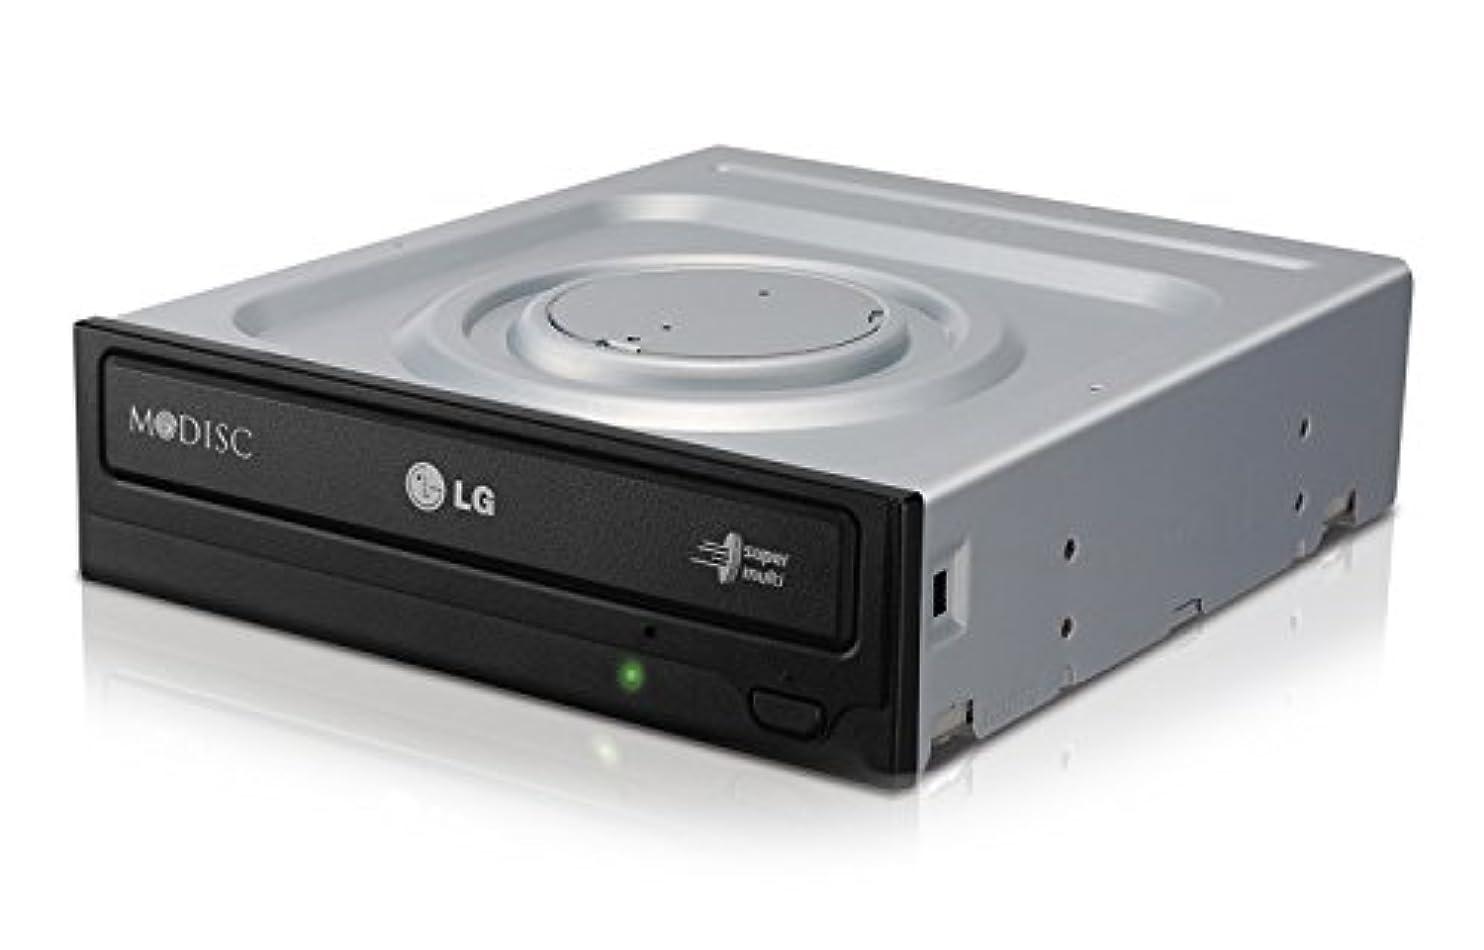 セージ寂しい聖職者LG Storage GH24NSC0 DVDRW 24X SATA Without Software Black Bare HDD